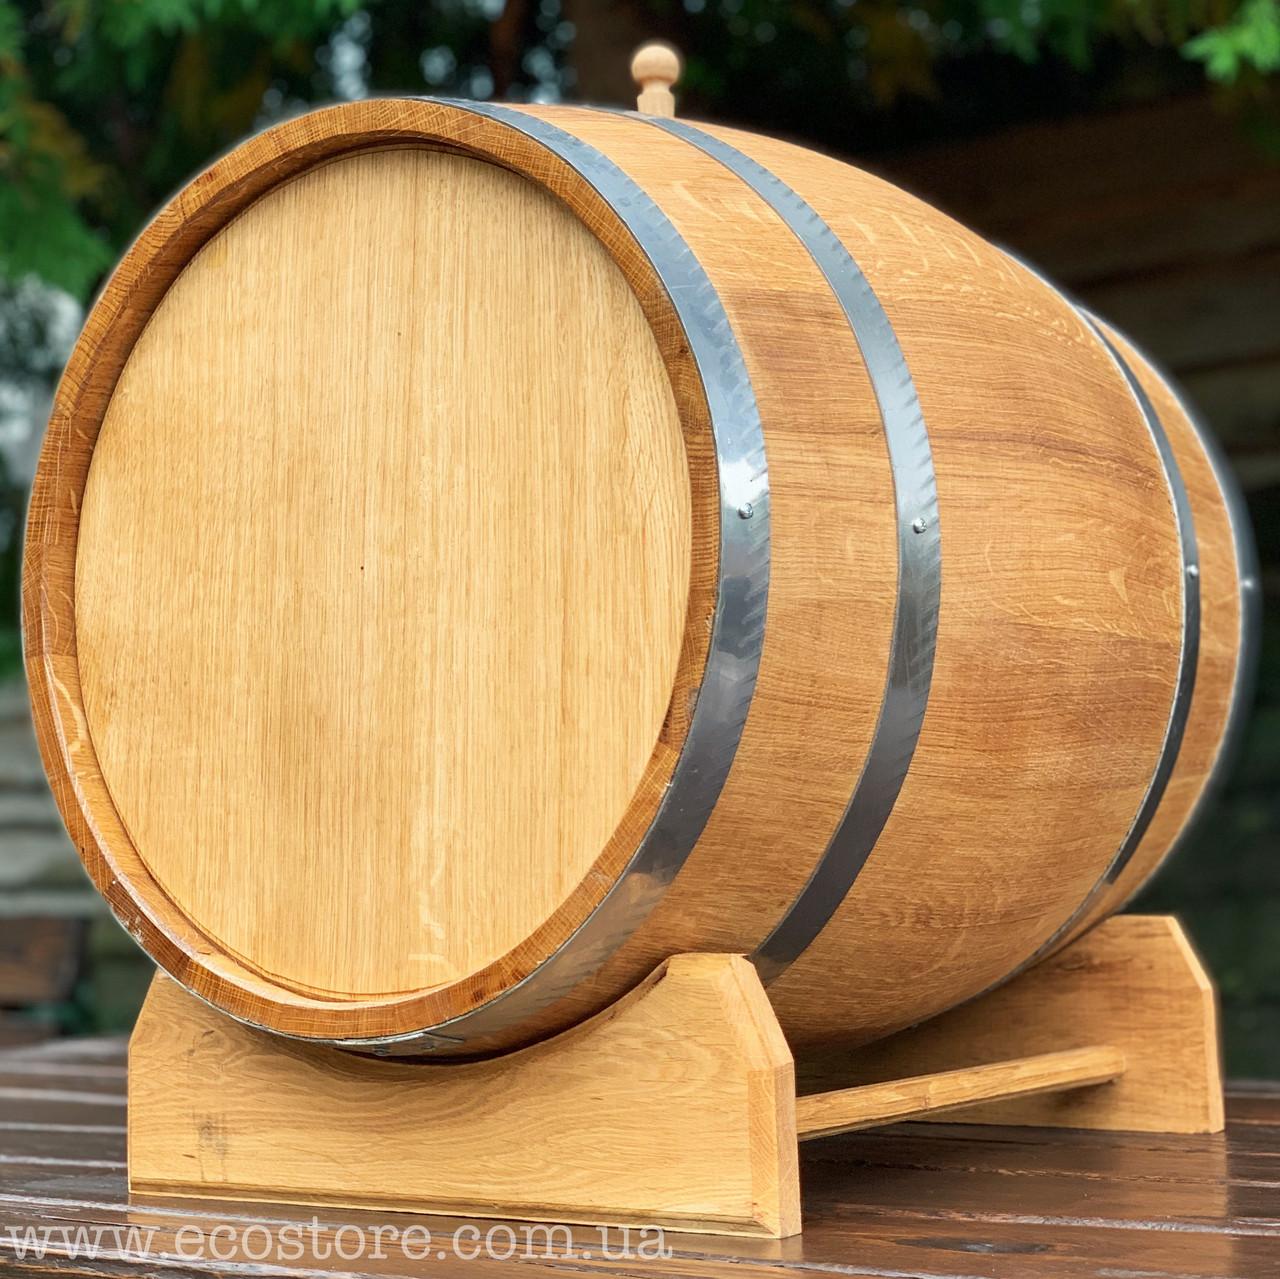 Дубовая бочка 70л (без крана) для вина, коньяка, виски